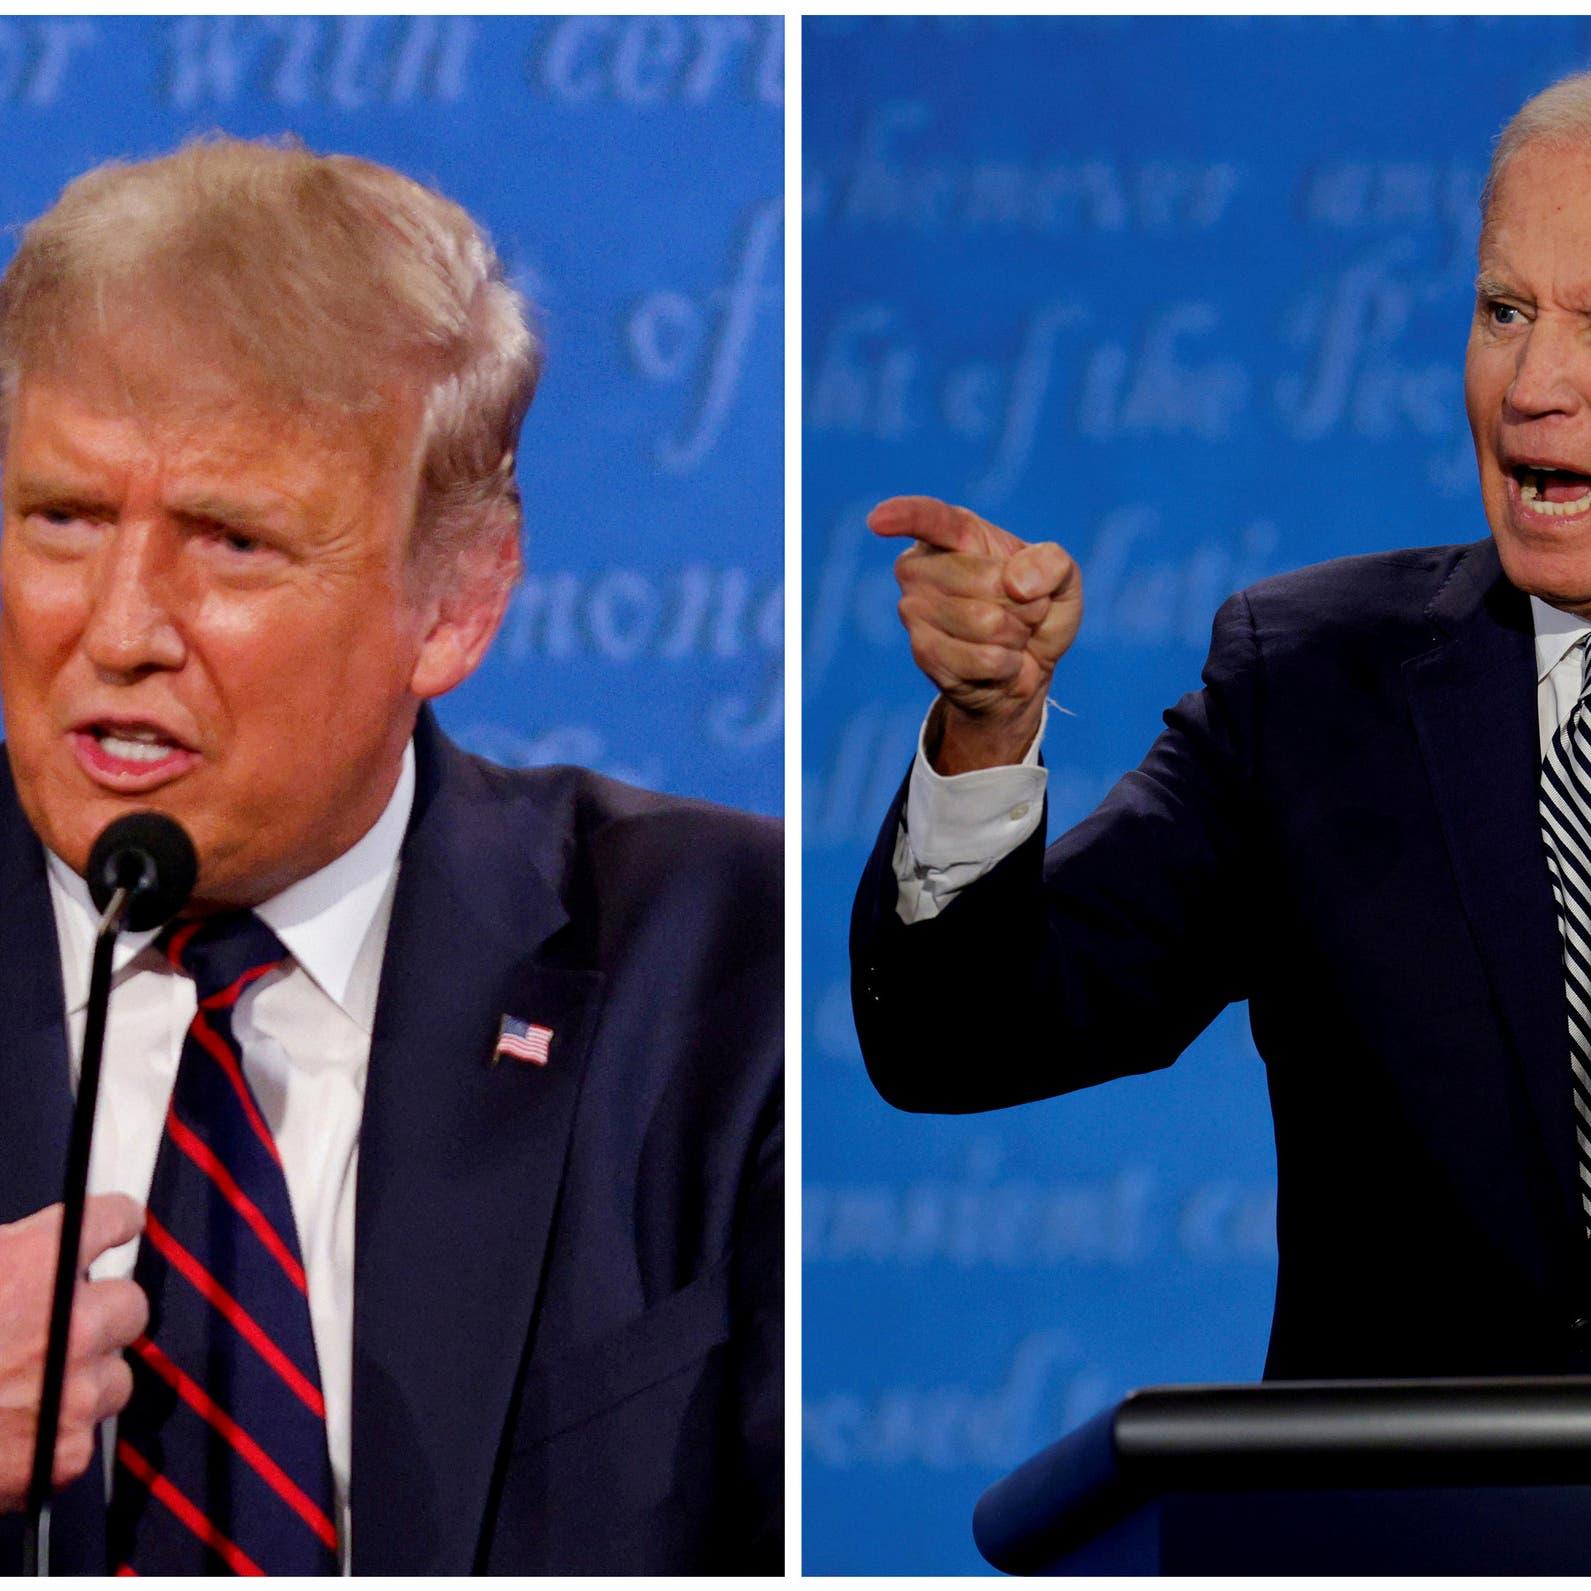 الانتخابات الأميركية الأغلى في التاريخ.. وهذه كلفتها